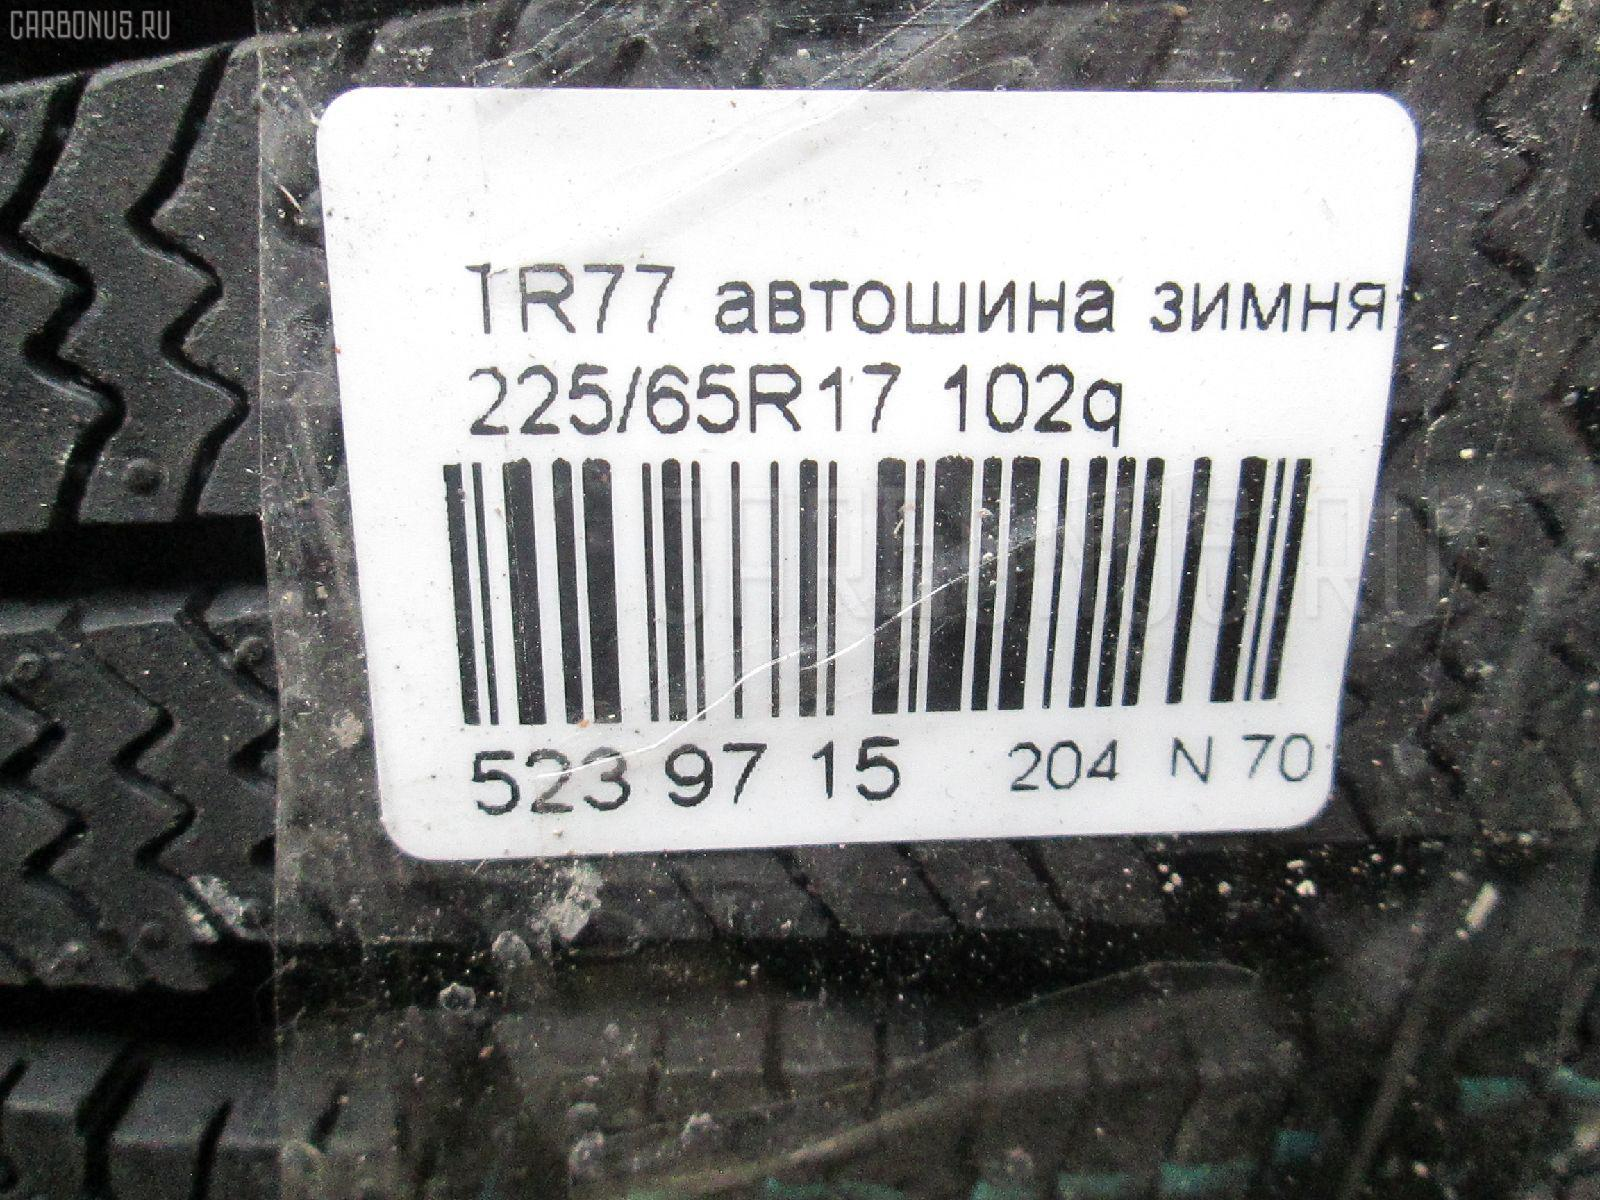 Автошина легковая зимняя TR777 225/65R17 TRIANGLE Фото 4